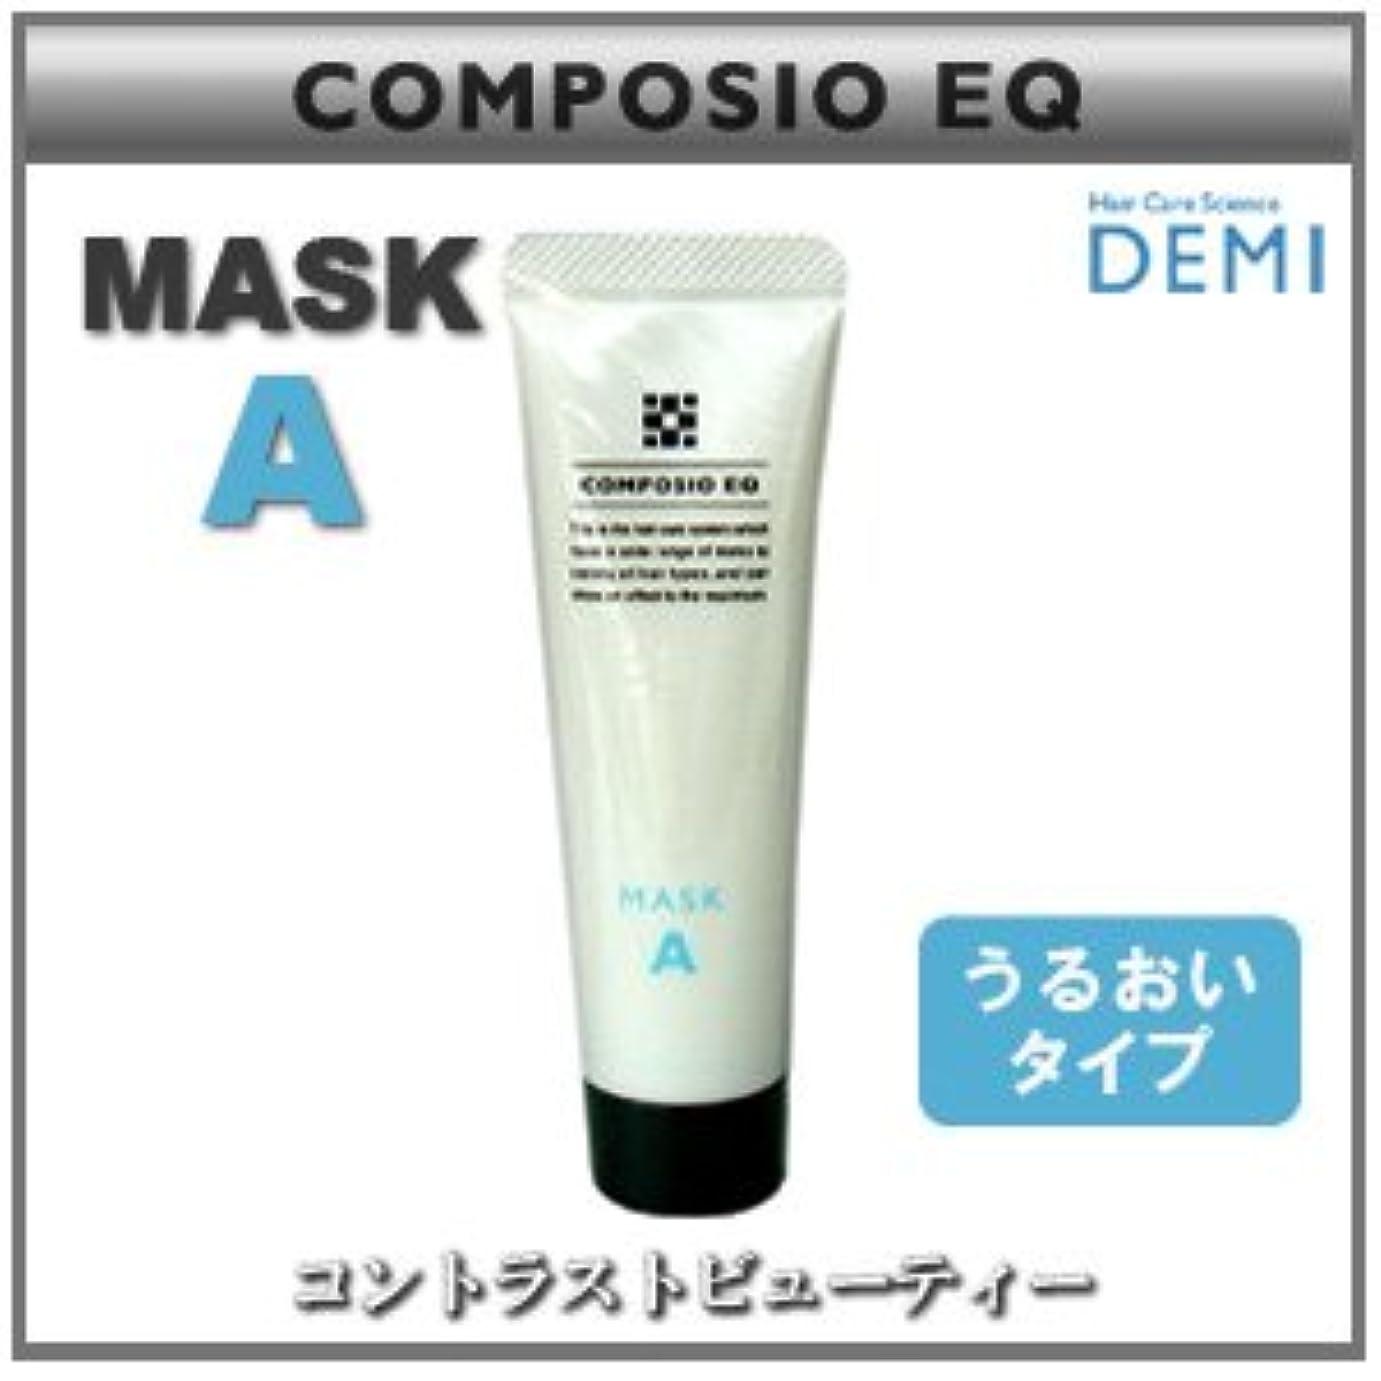 流す言語ボイラー【X2個セット】 デミ コンポジオ EQ マスク A 50g